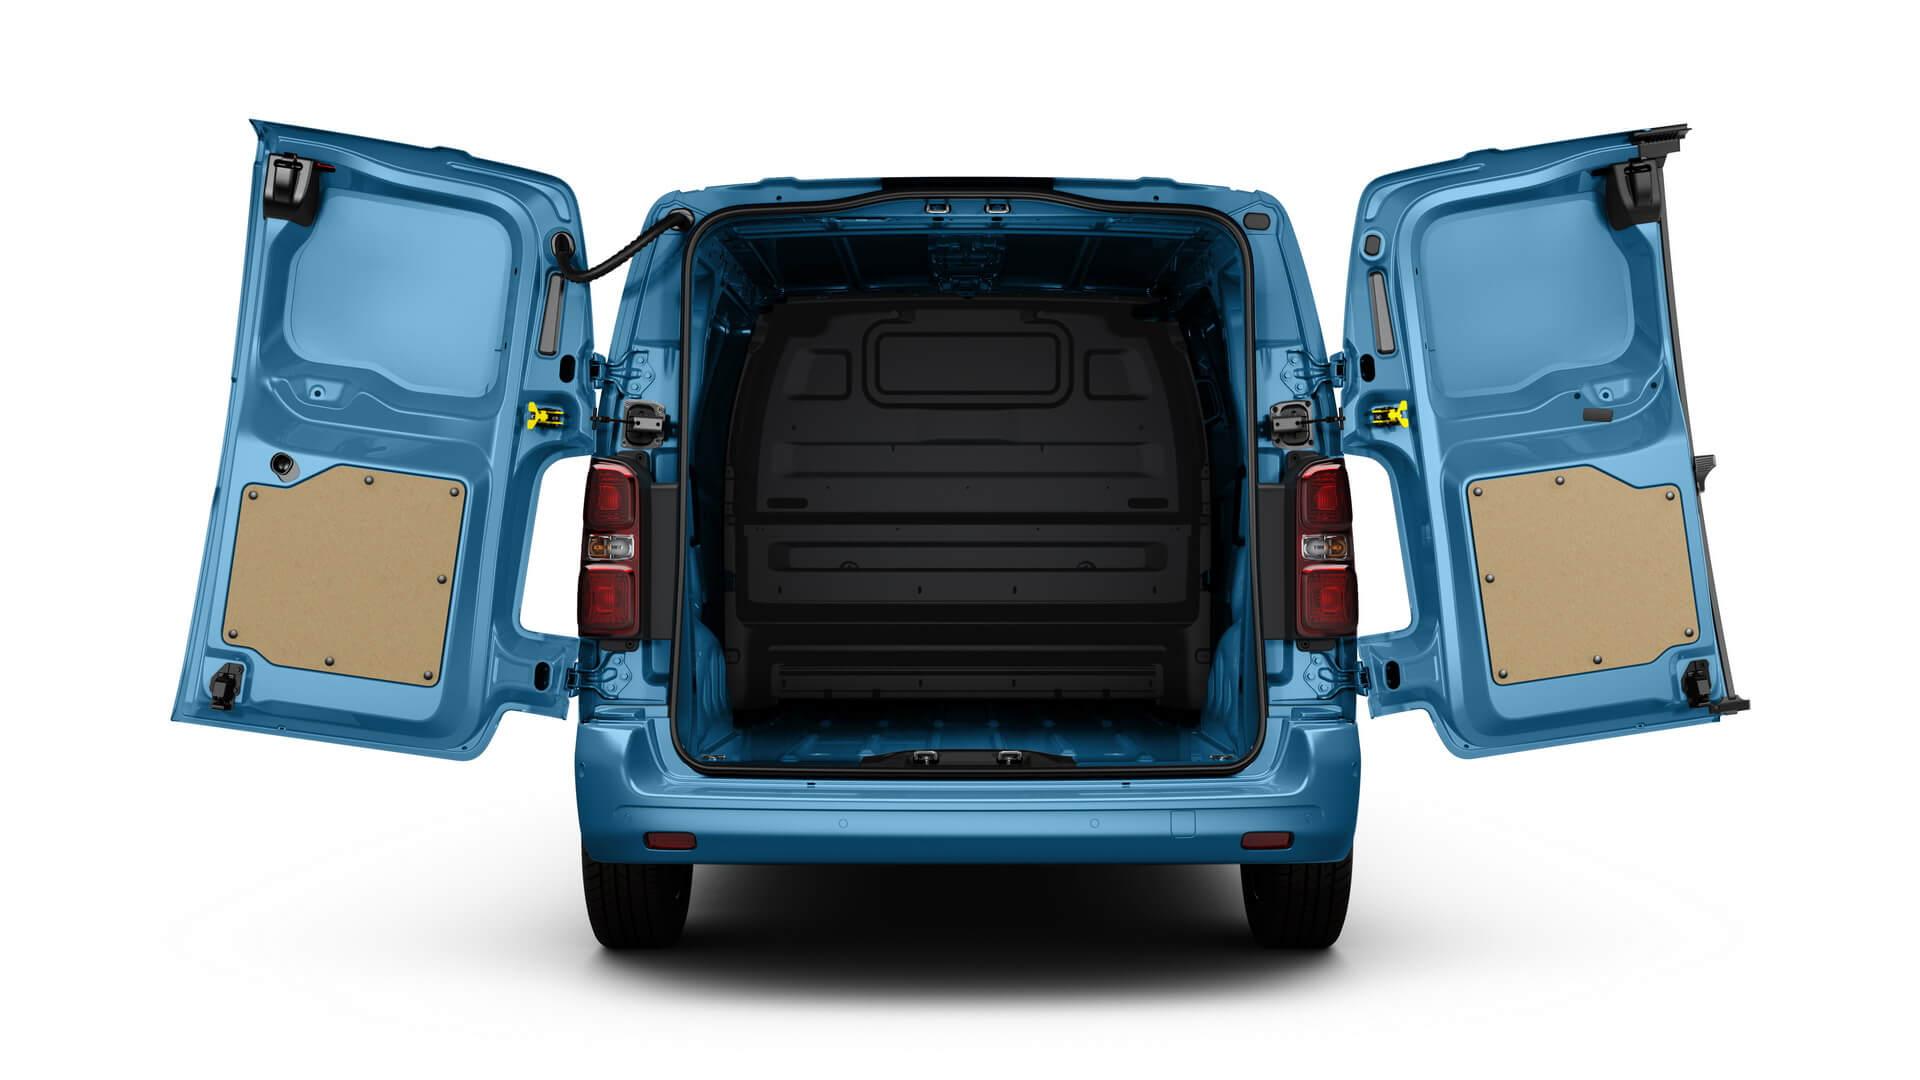 Новый Peugeot e-Expert Hydrogen получил грузовой отсек с полезным объемом до 6,1 м³